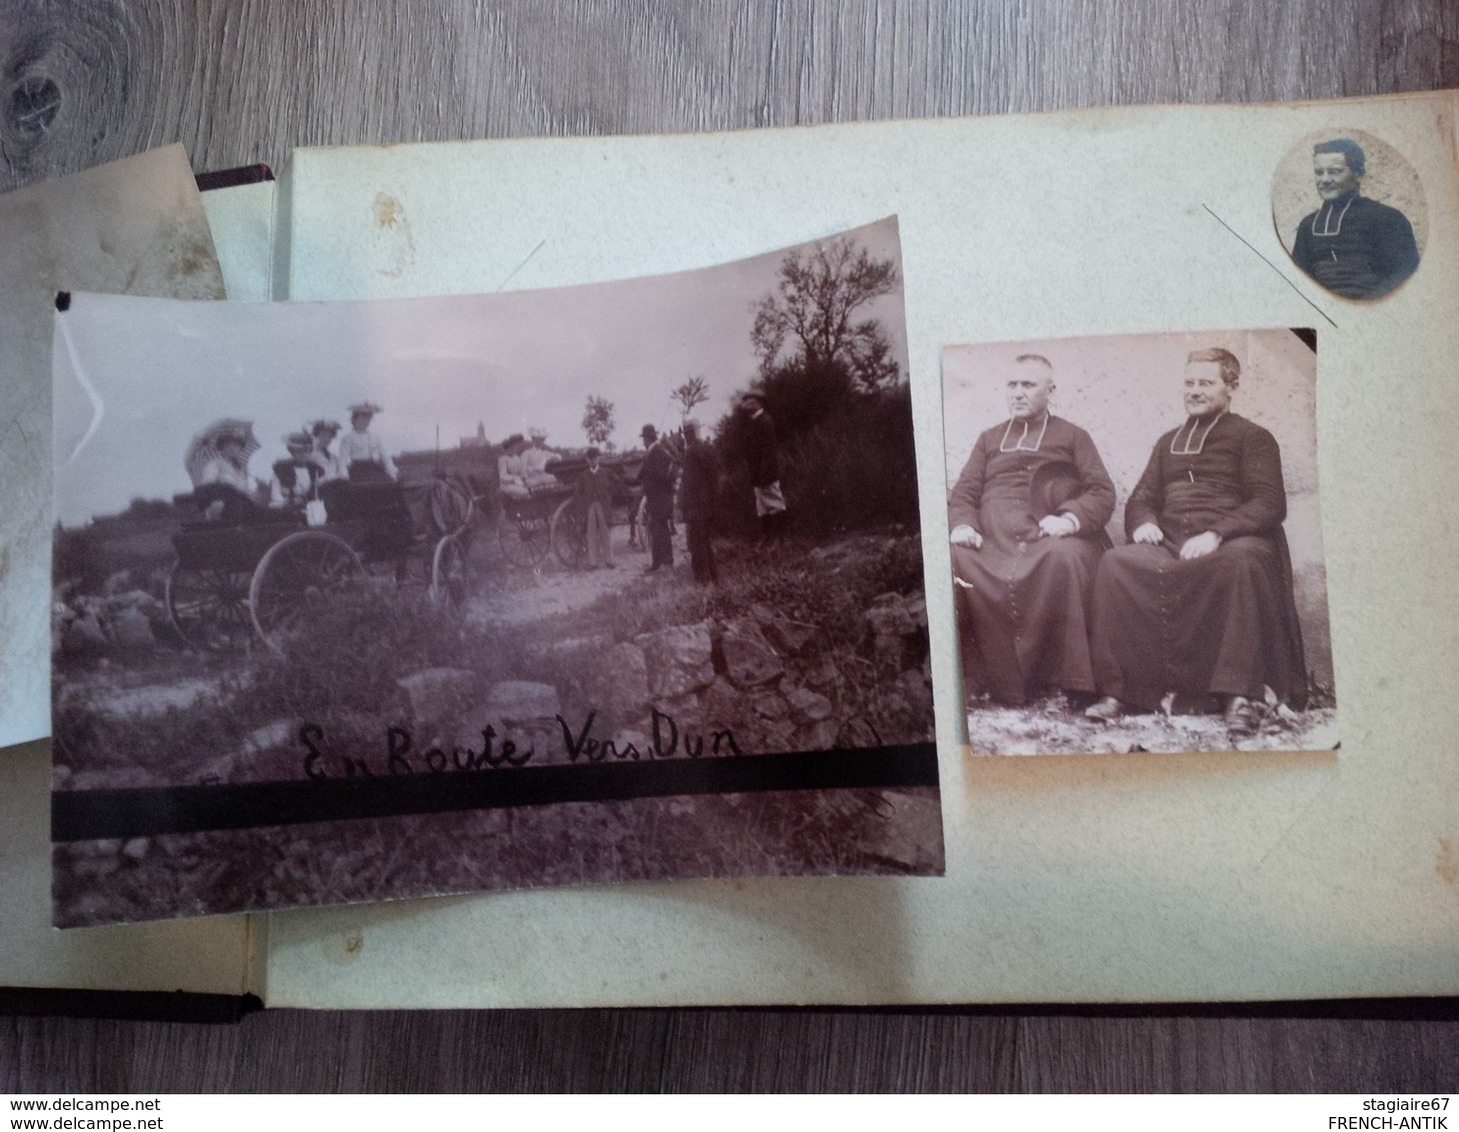 ALBUM DE FAMILLE SAONE ET LOIRE PROVIENT DE LA MAISON ST MICHEL A RULLY RELIGIEUX CHATEAU SCENE DE VIE MOISSON SCIERIE - Albums & Collections